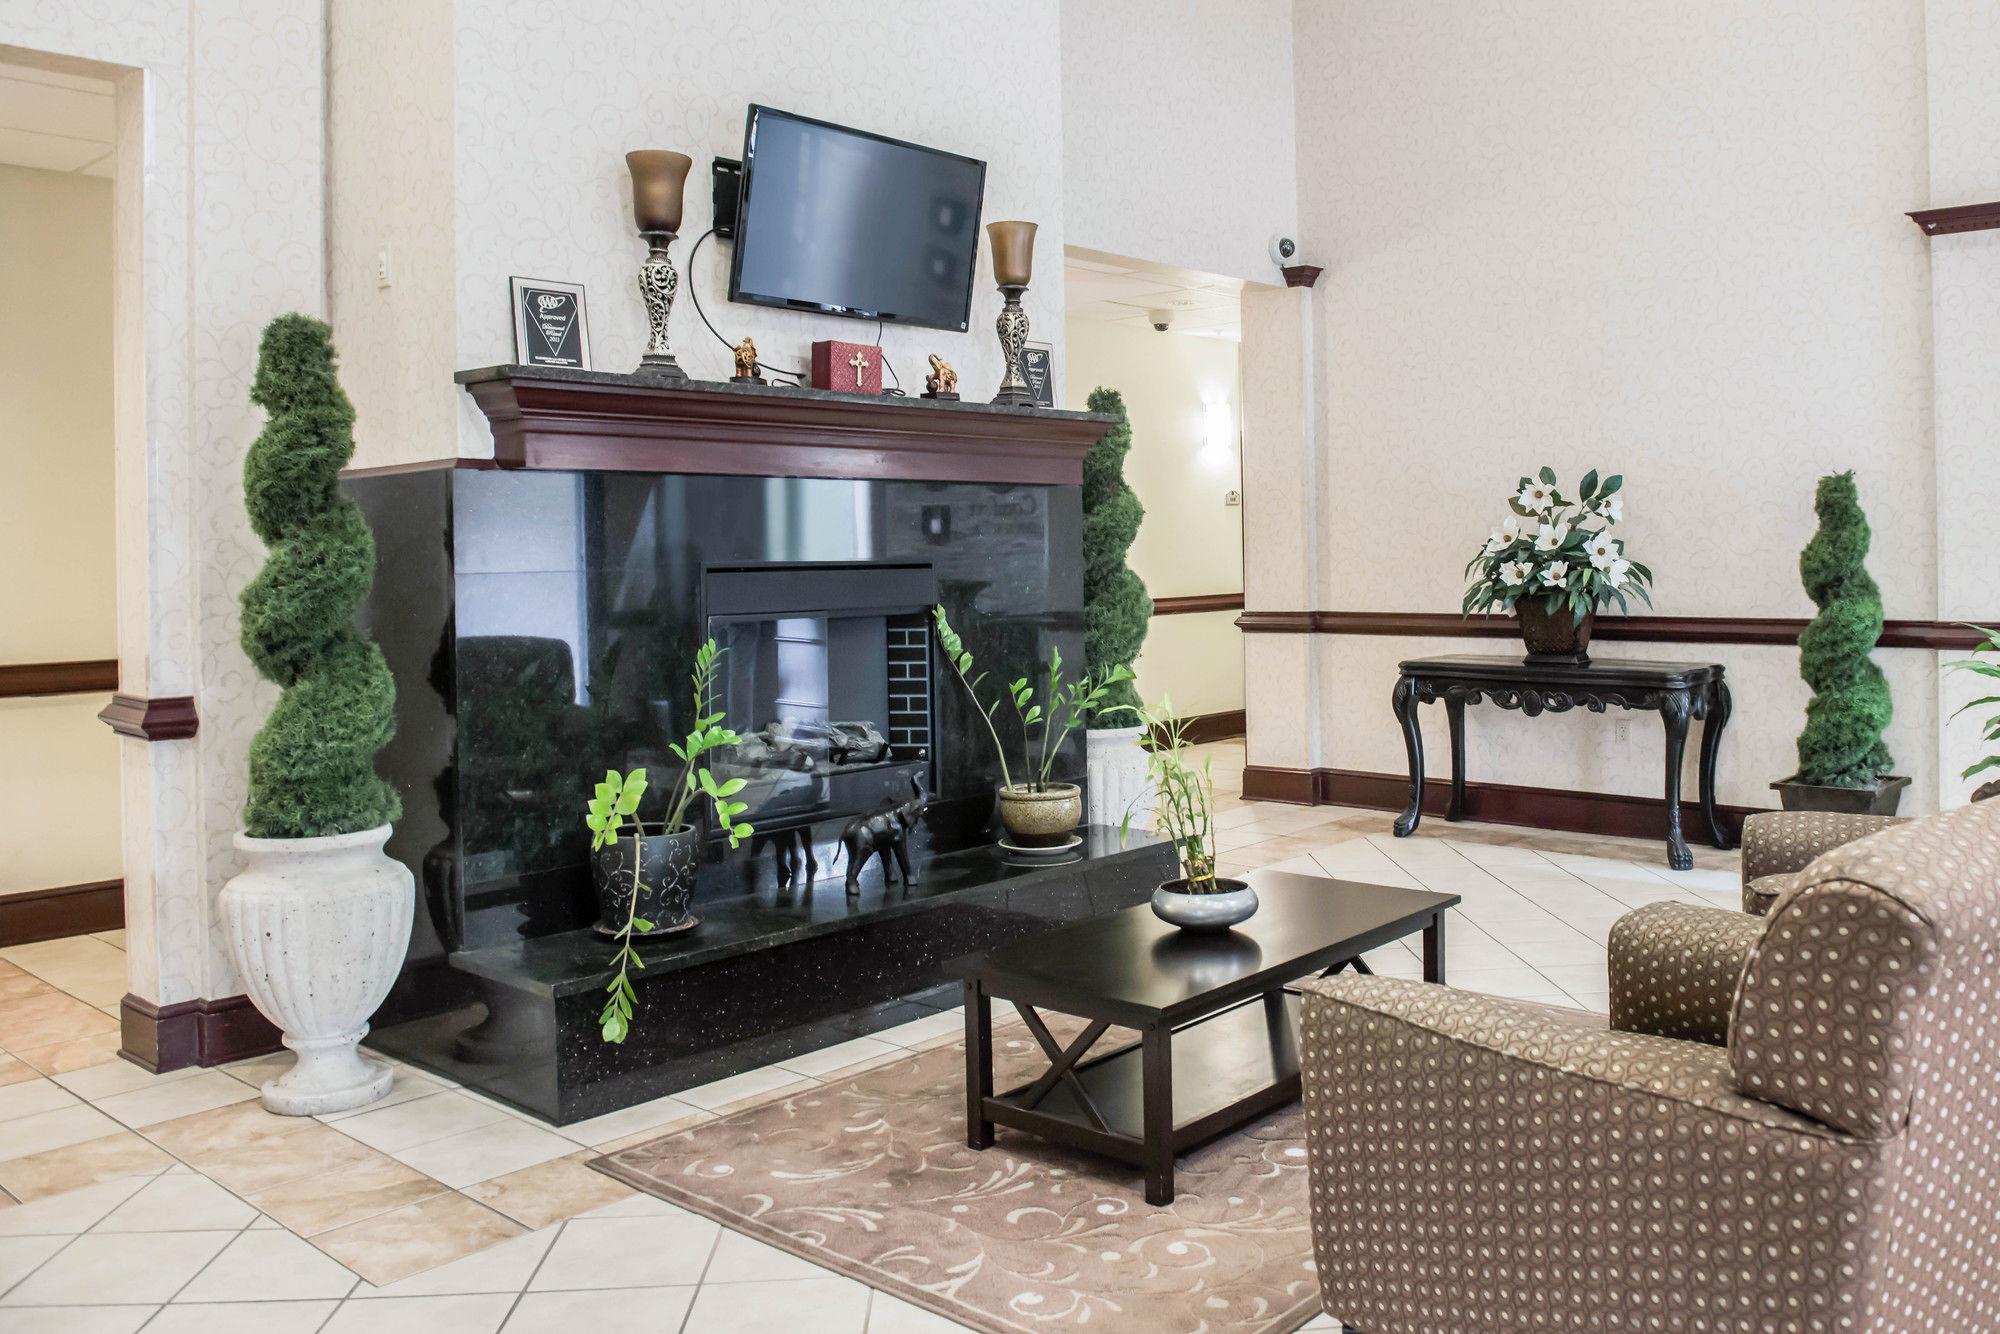 Comfort Inn & Suites in Midway, FL